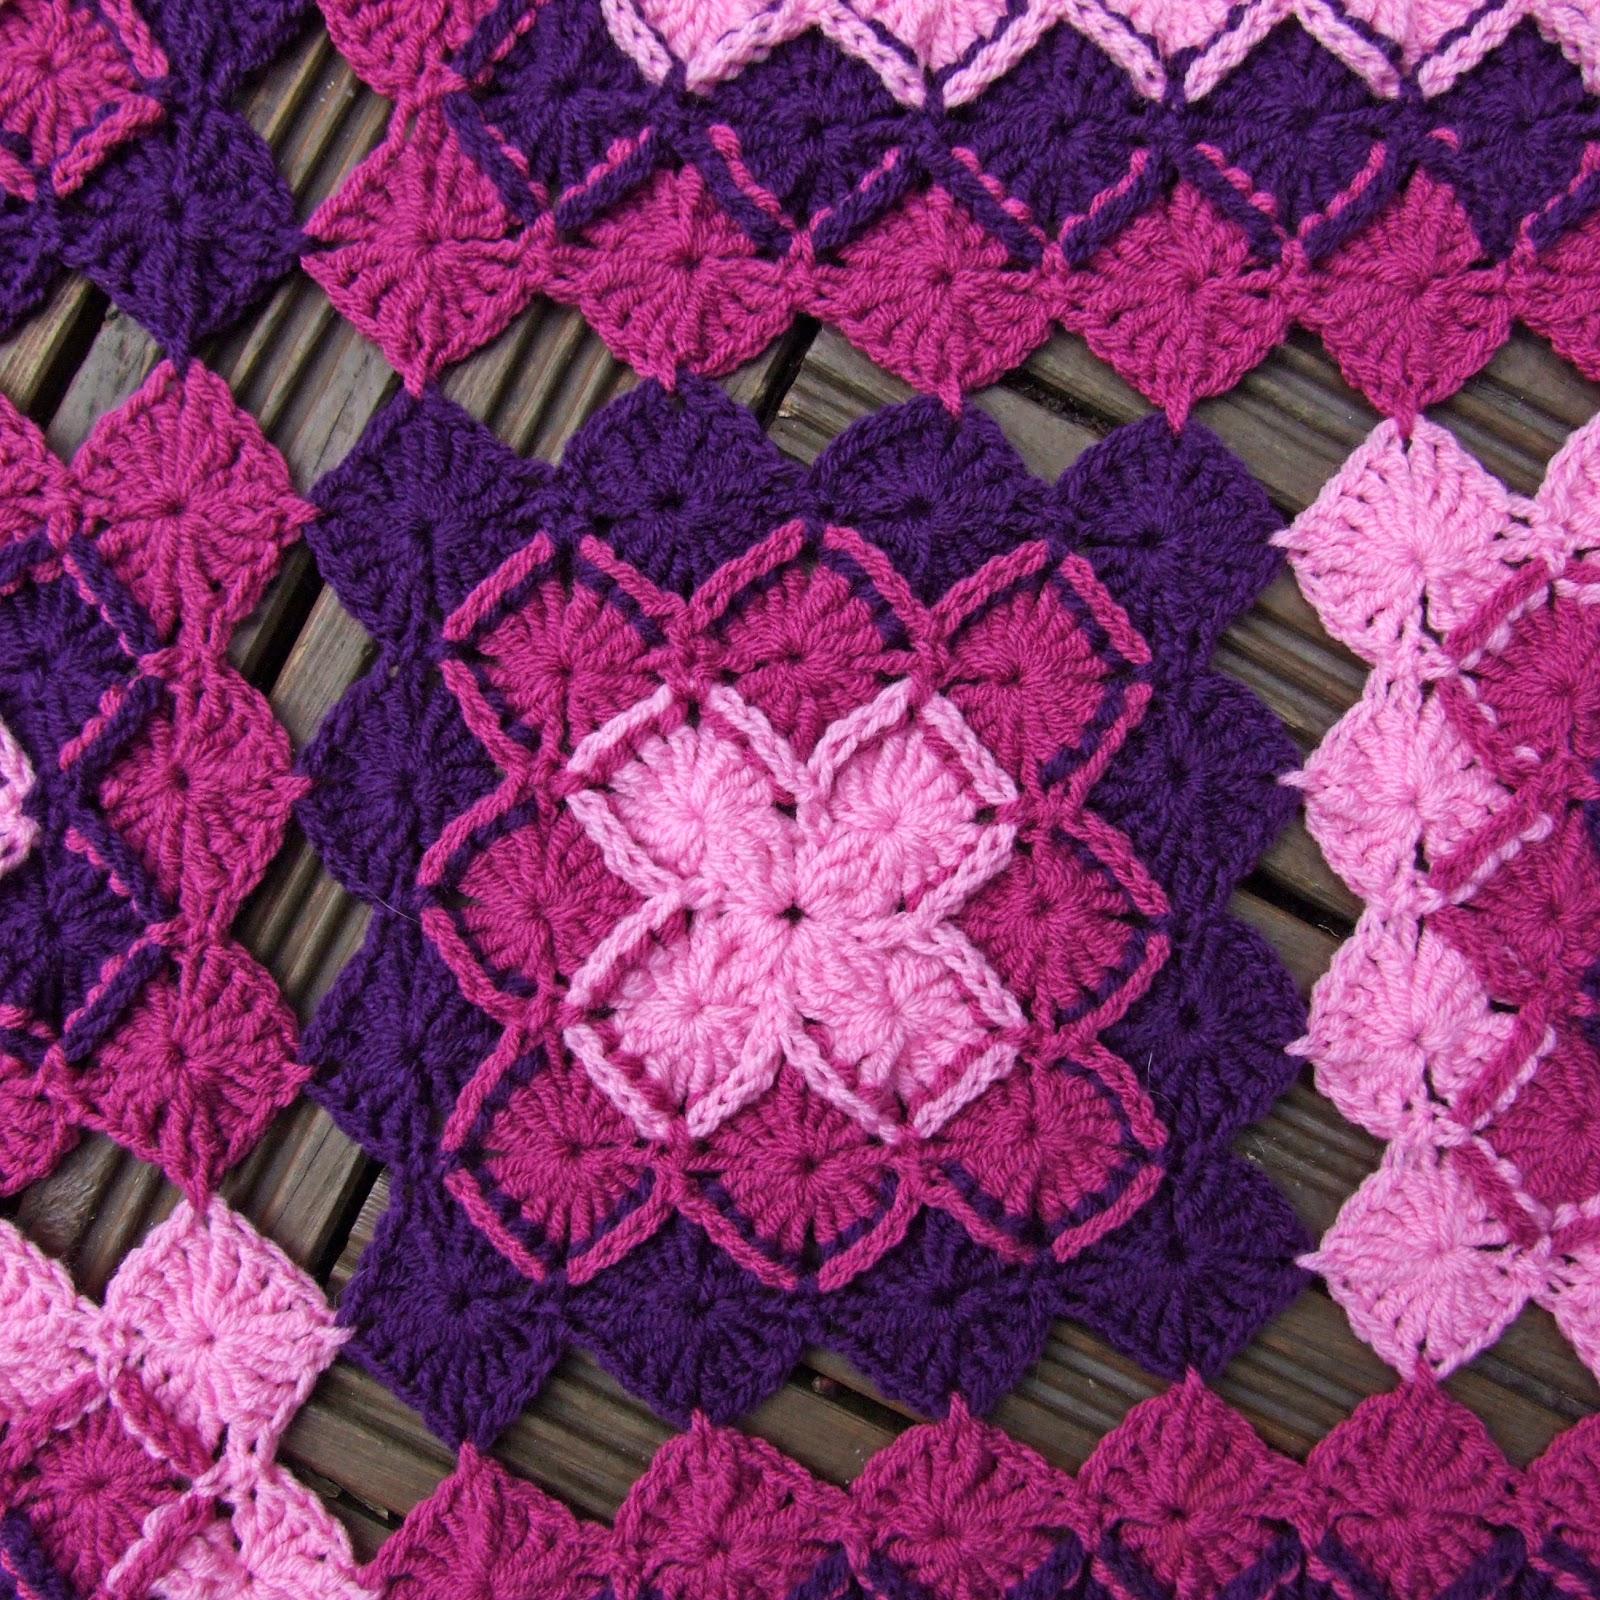 Bavarian Crochet Lap Blanket Ta Da Woolnhook By Leonie Morgan